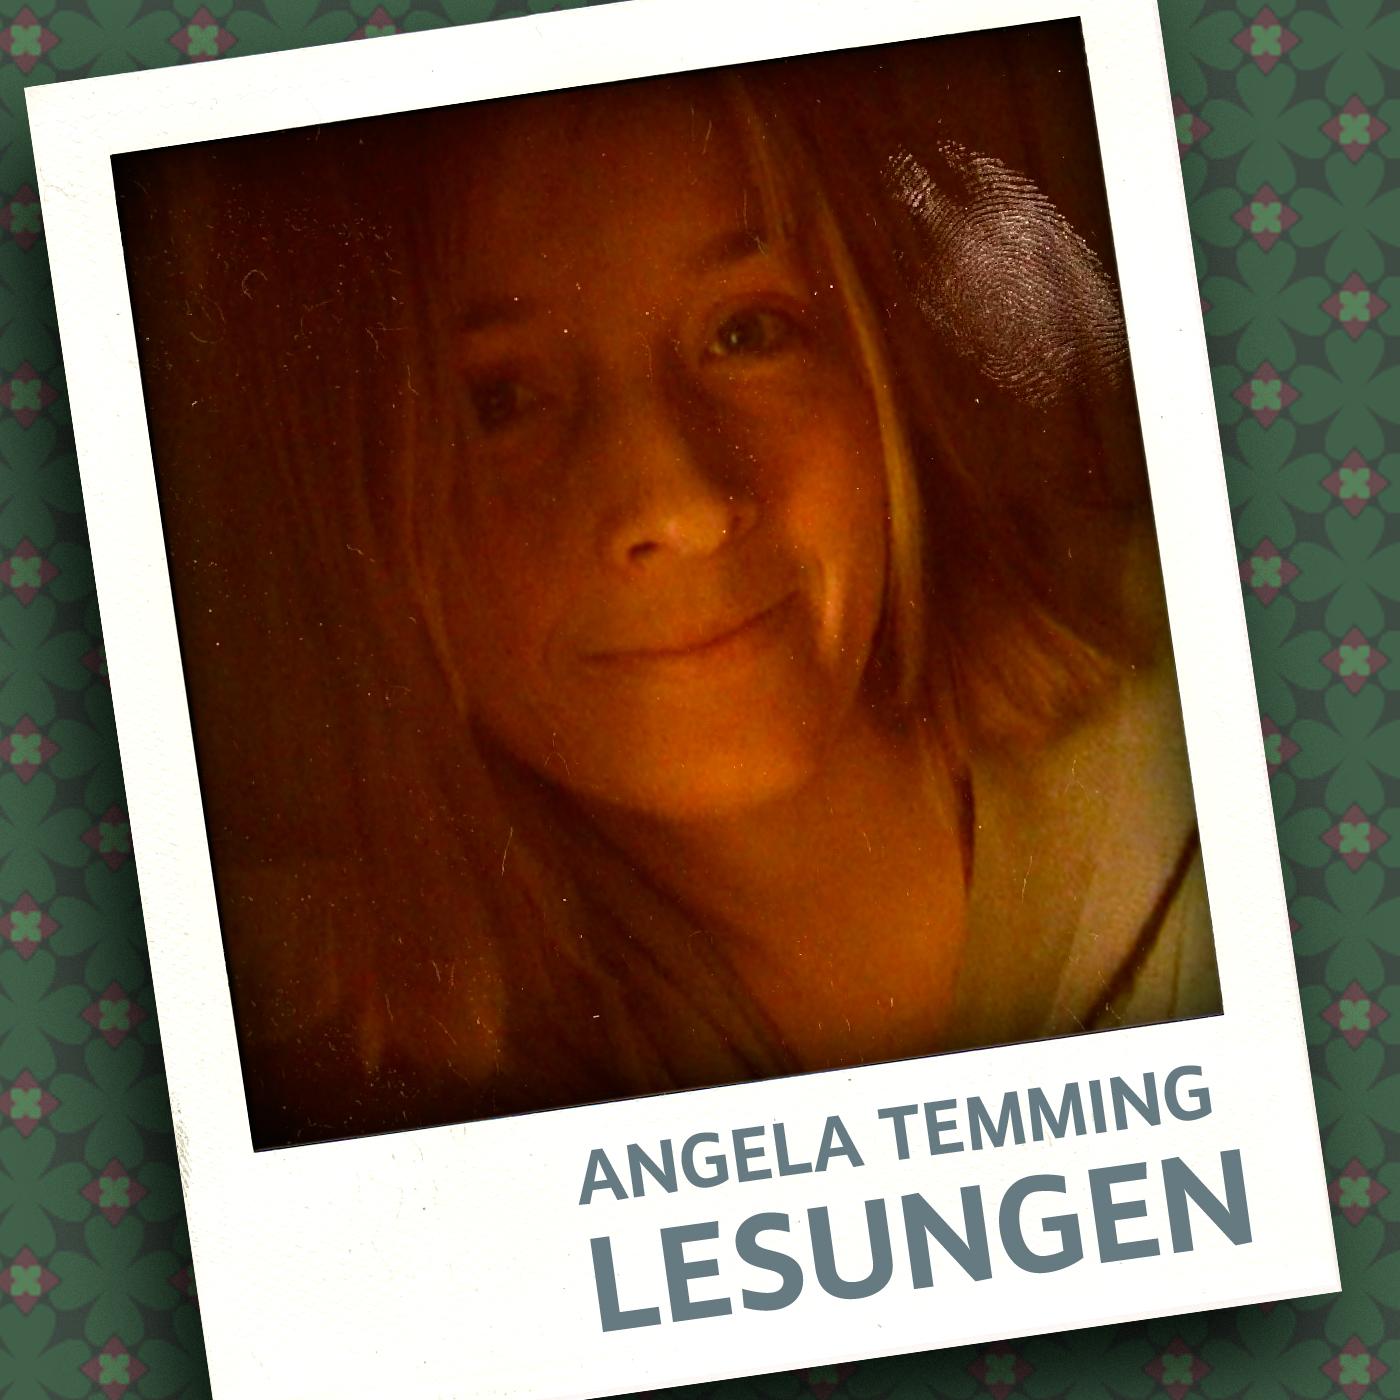 Lesungen von Angela Temming